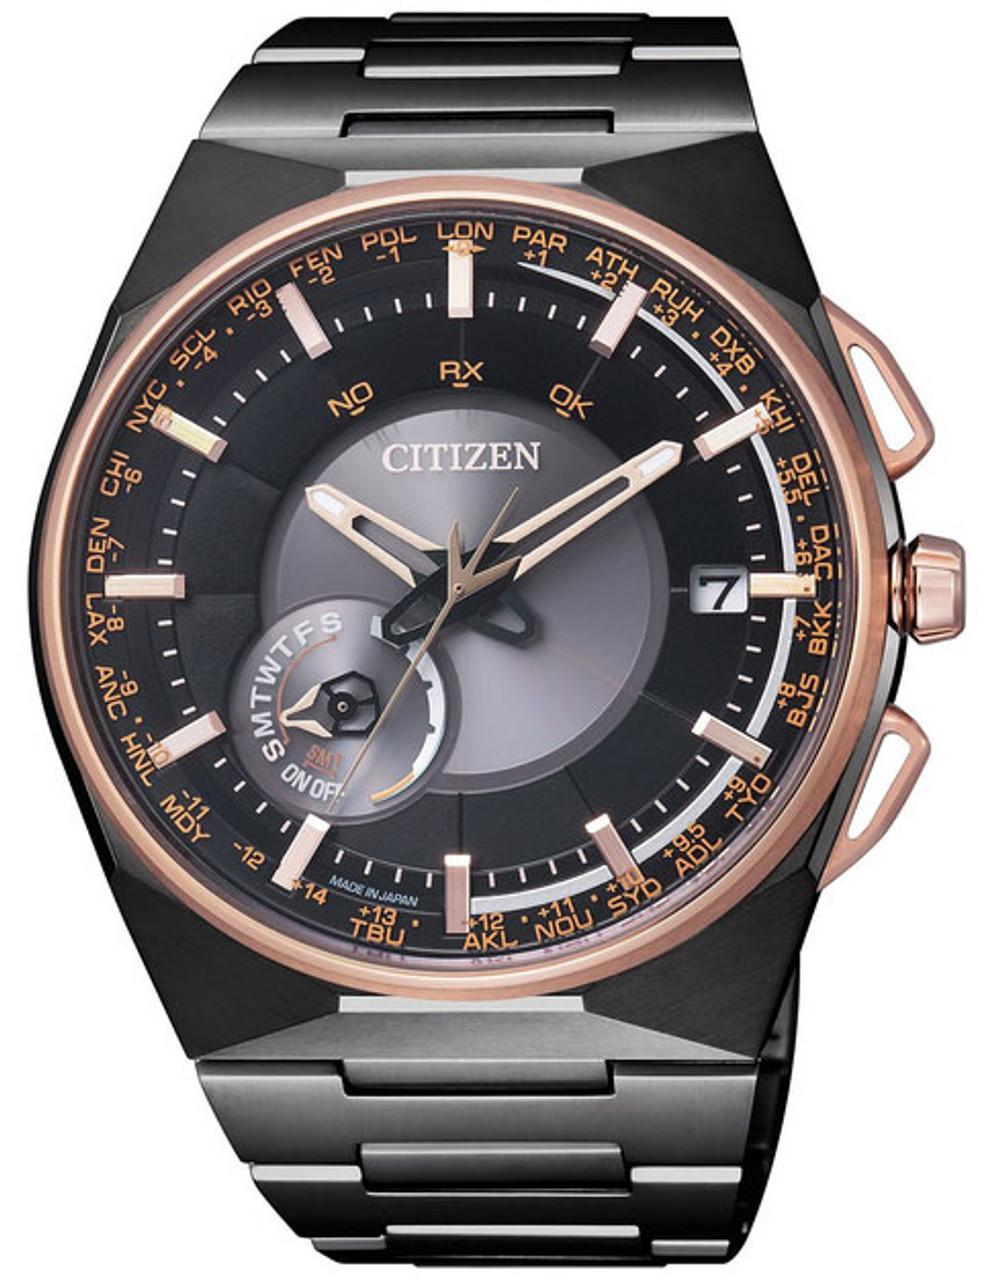 Citizen F100 Satellite Wave CC2004-59E Limited